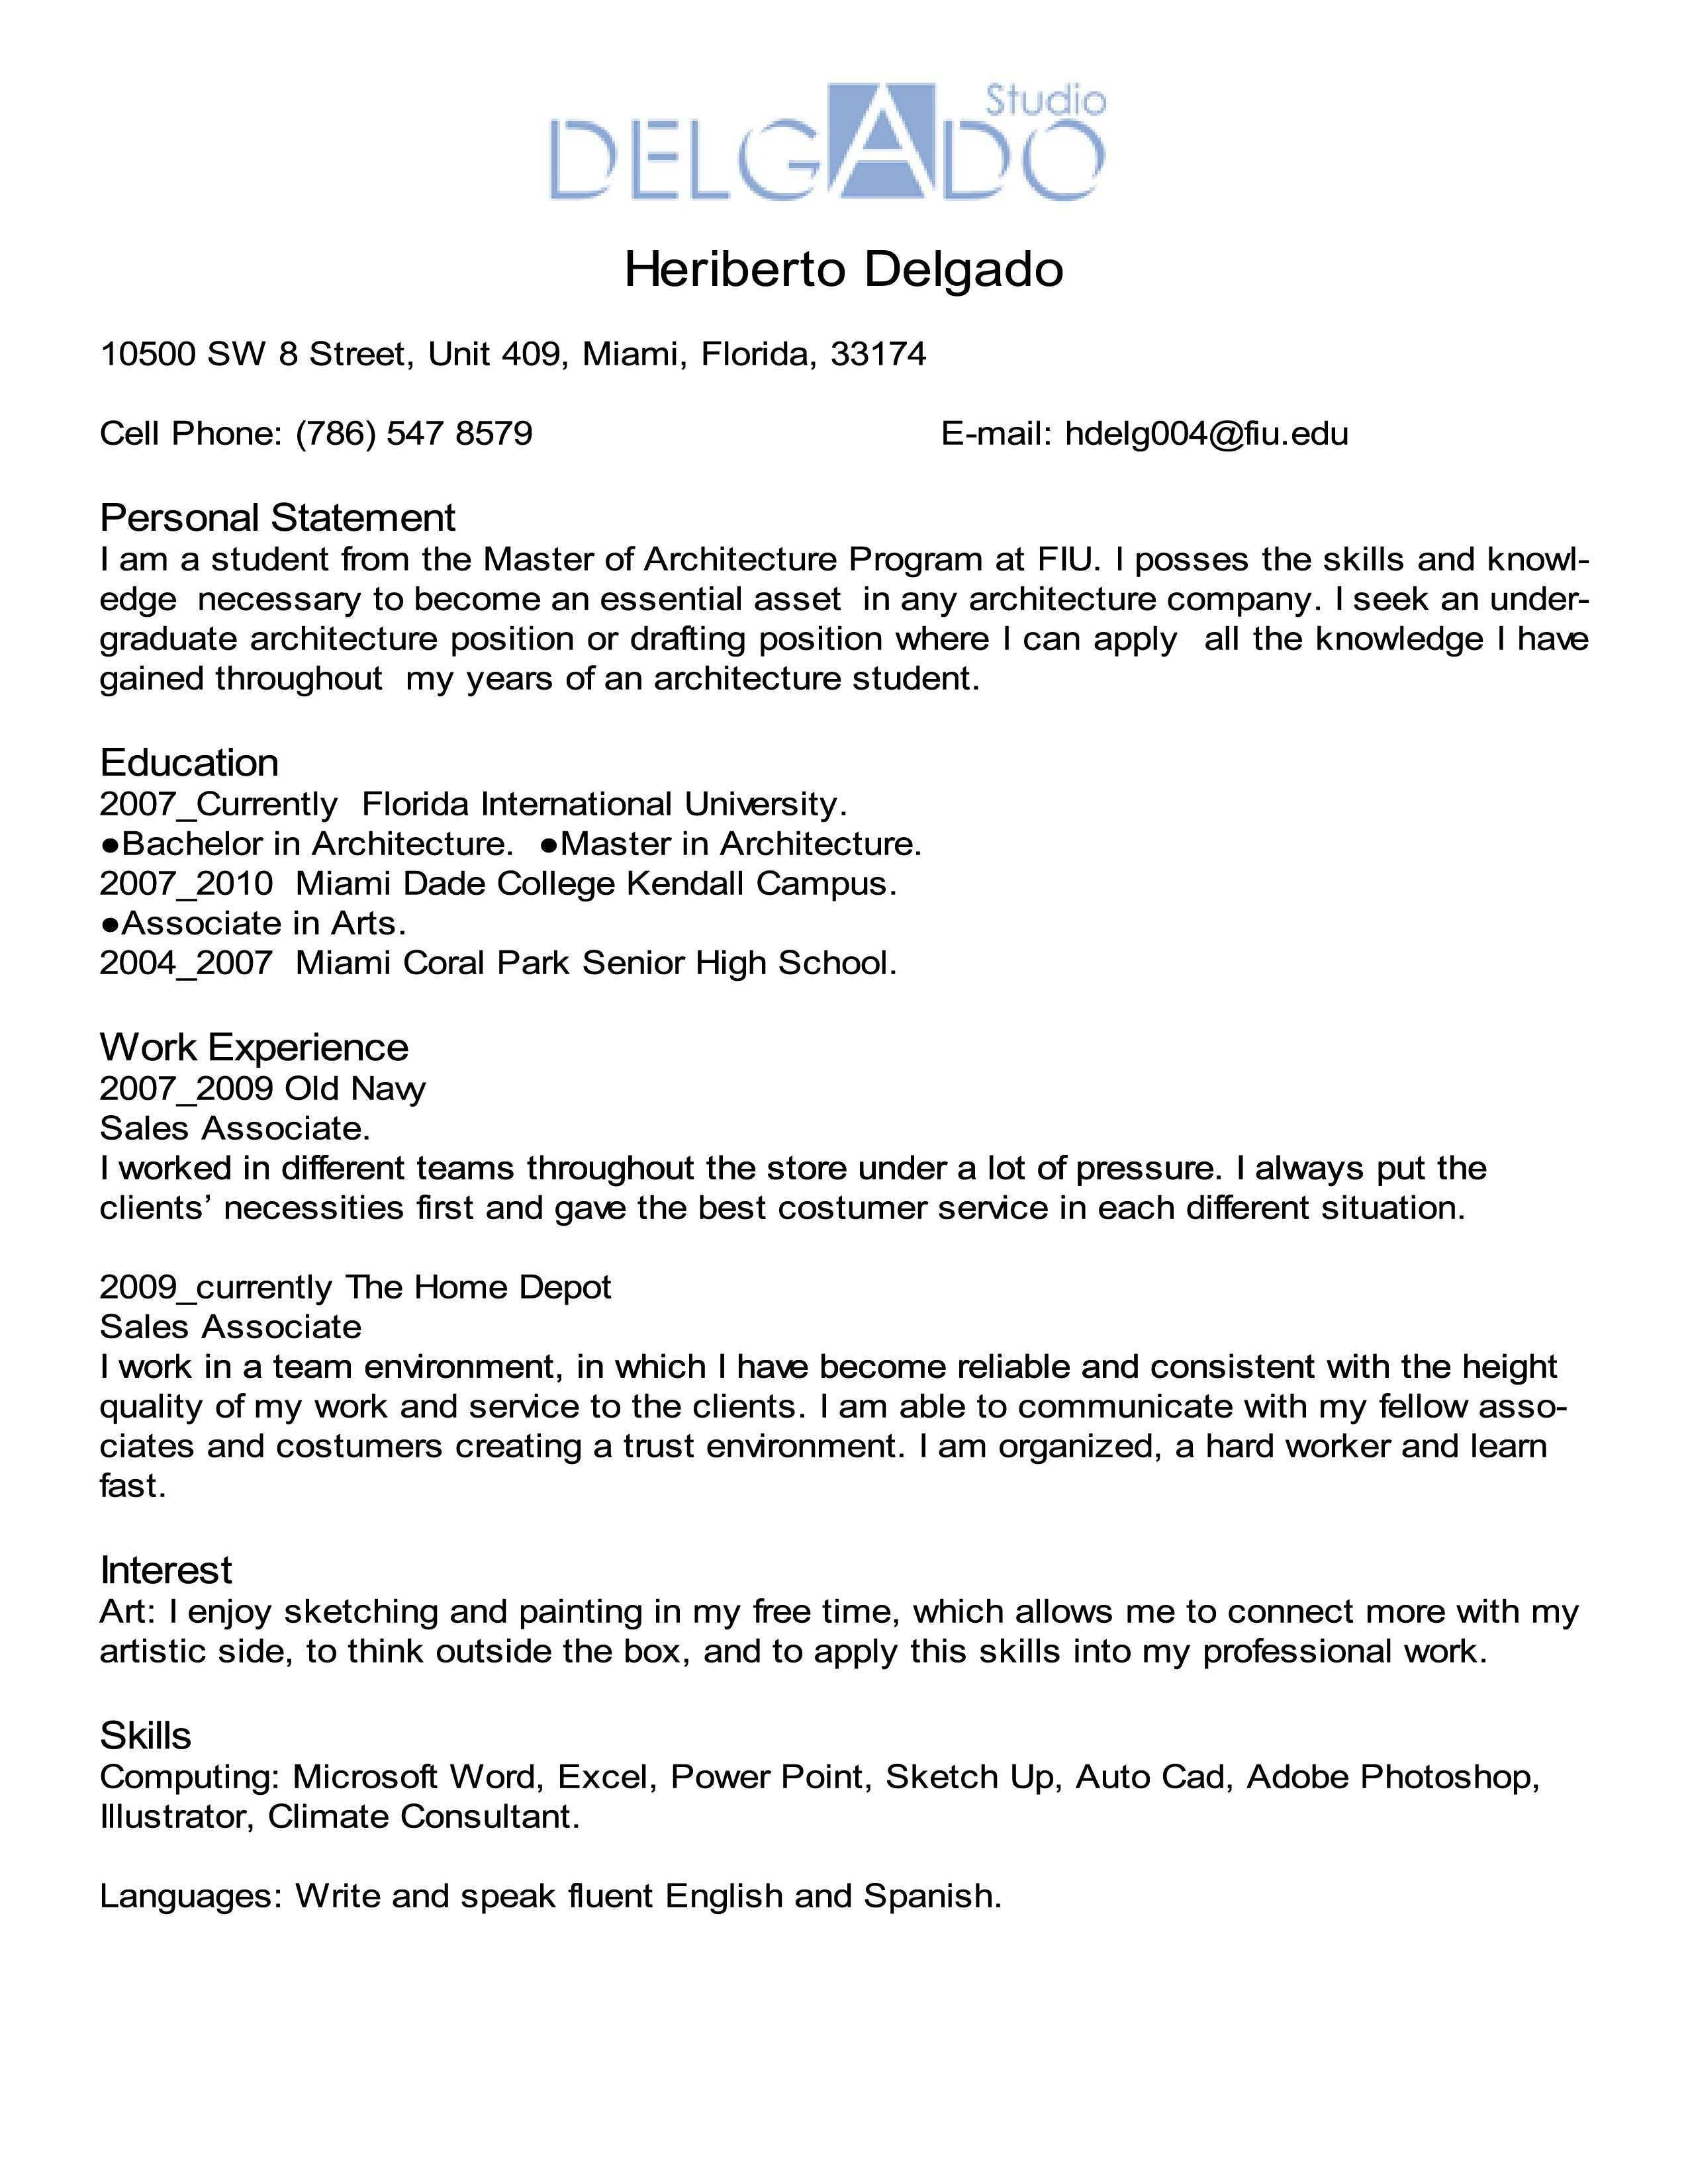 Curriculum Vitae Assignment Curriculum Vitae Architecture Program Personal Statement